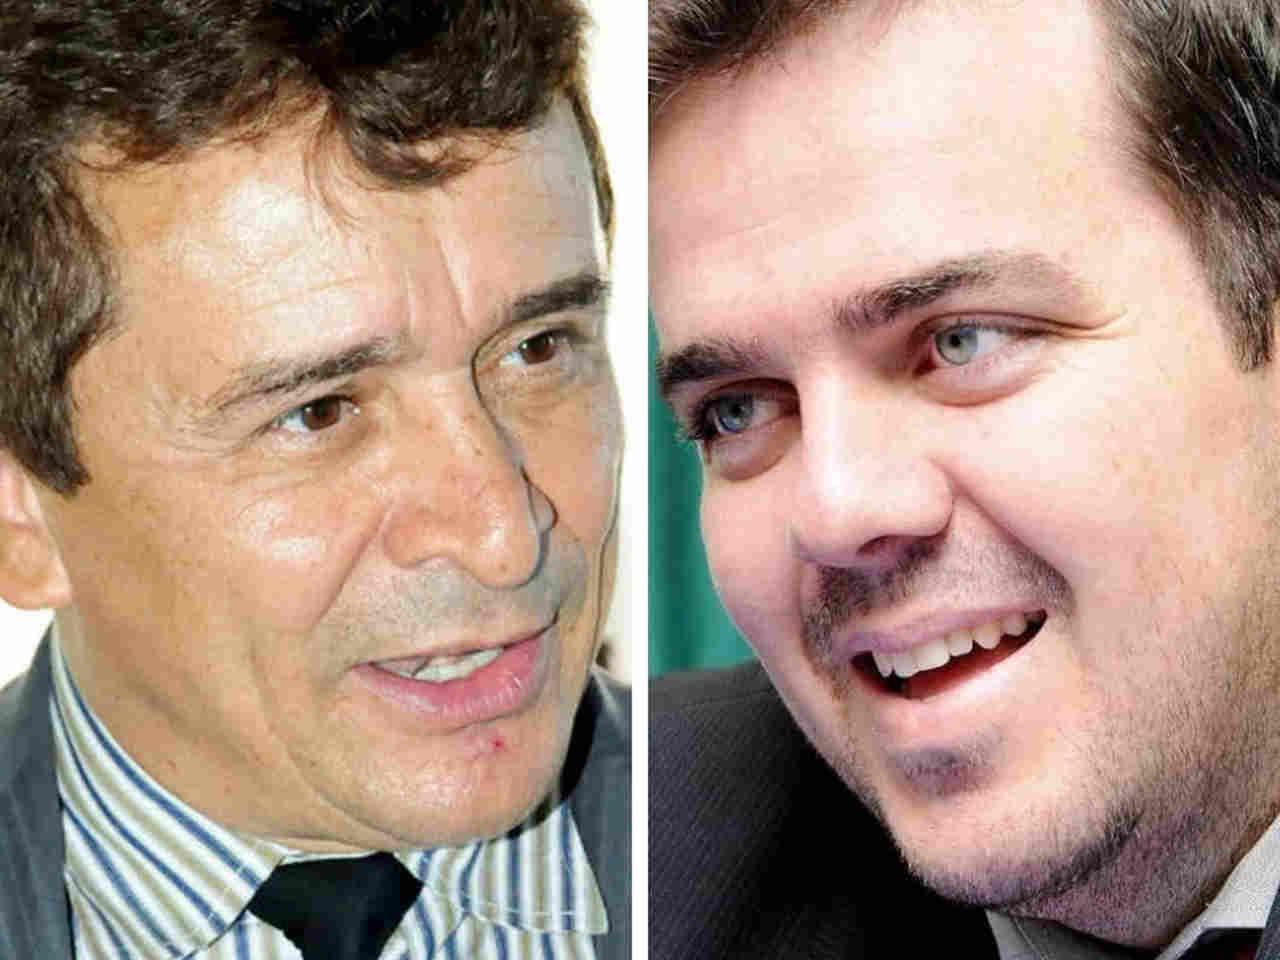 Ezízio Barbosa entregou a carta de demissão ao prefeito Gustavo Mendanha nesta quinta-feira, 17 | Foto: Reprodução